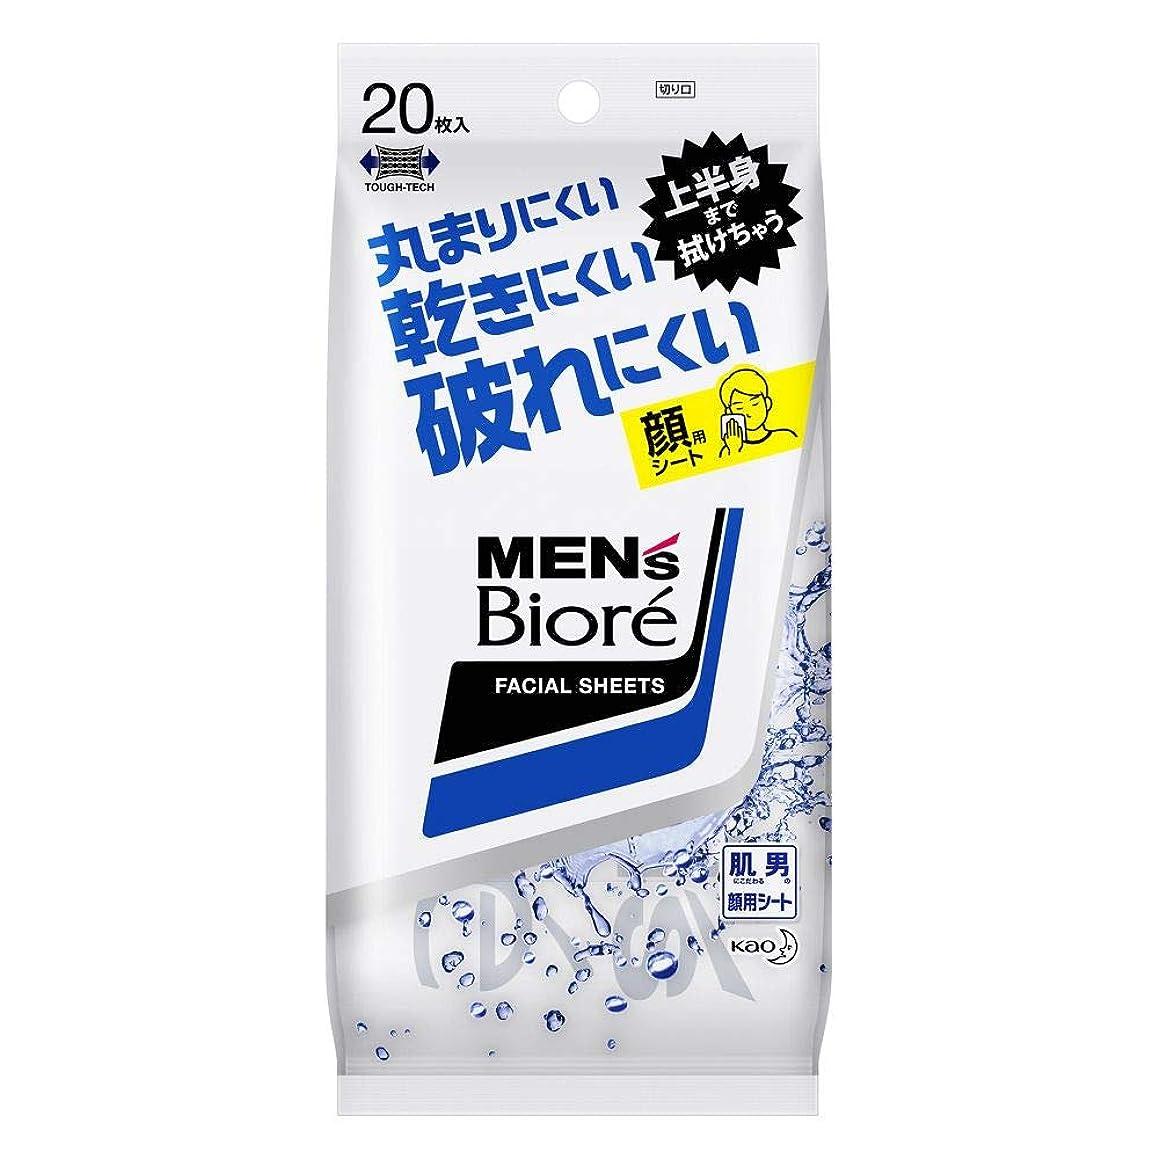 花王 メンズビオレ 洗顔シート 携帯用 20枚